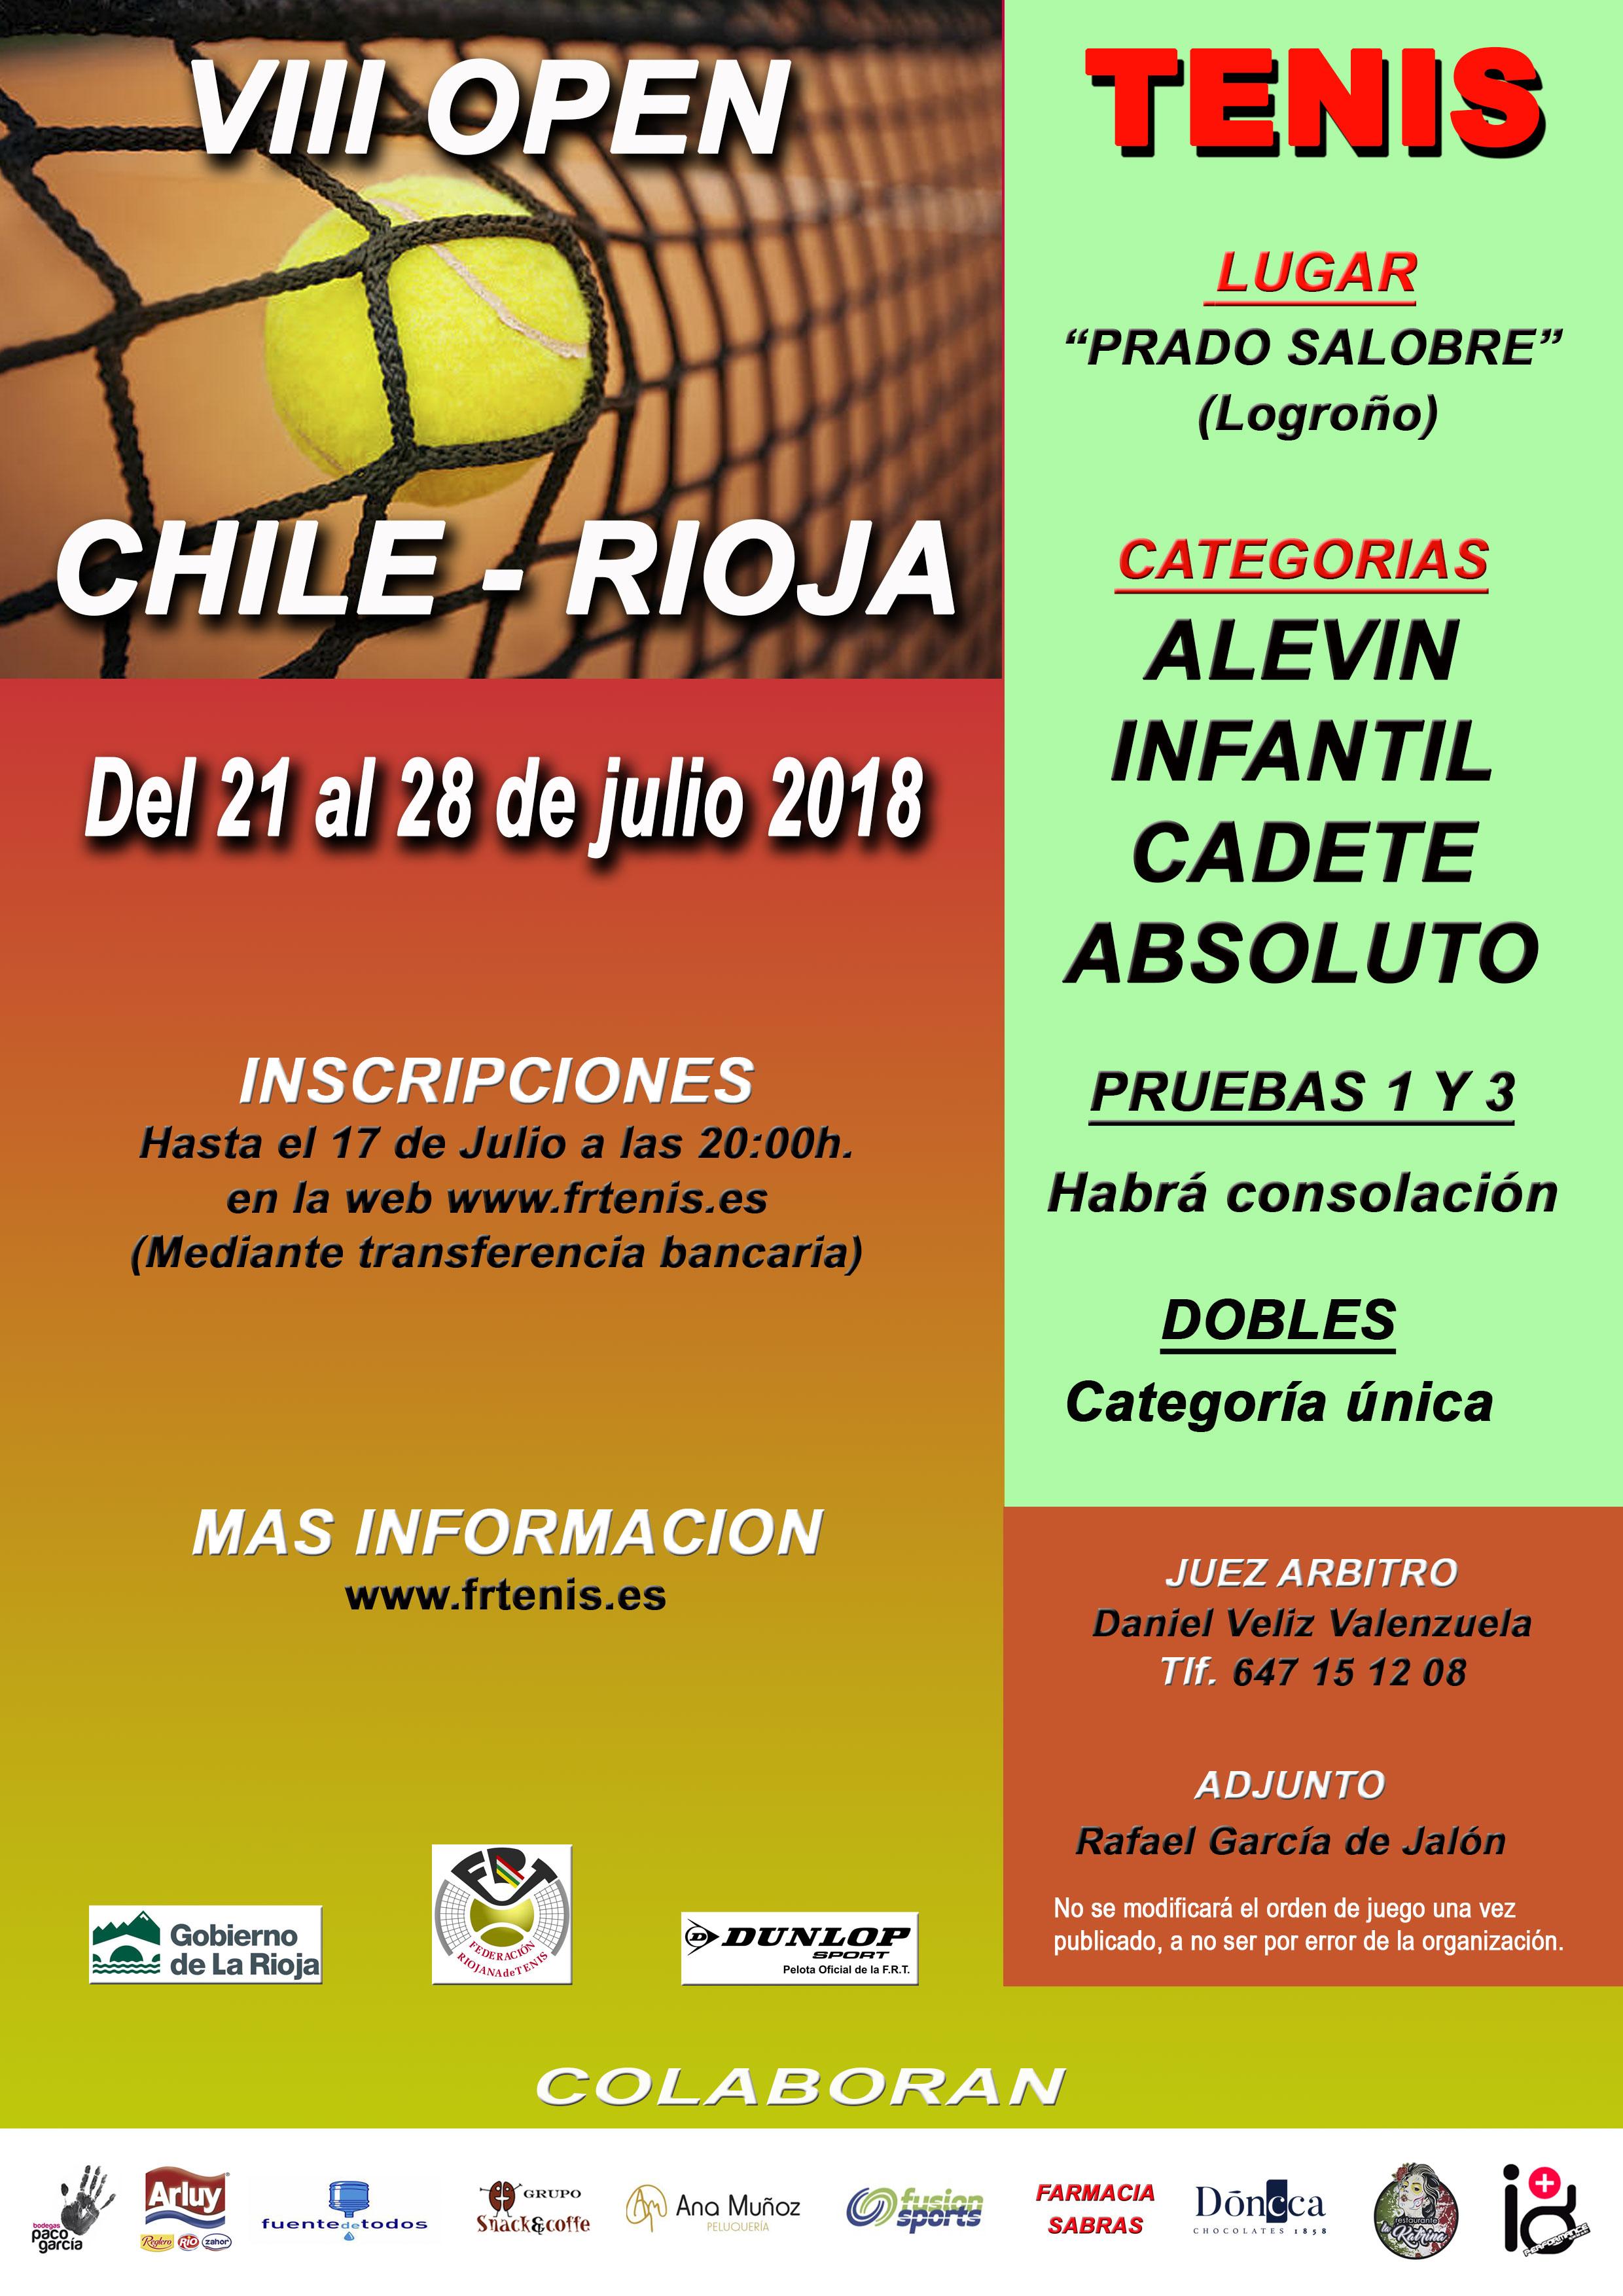 VIII Open Chile-Rioja